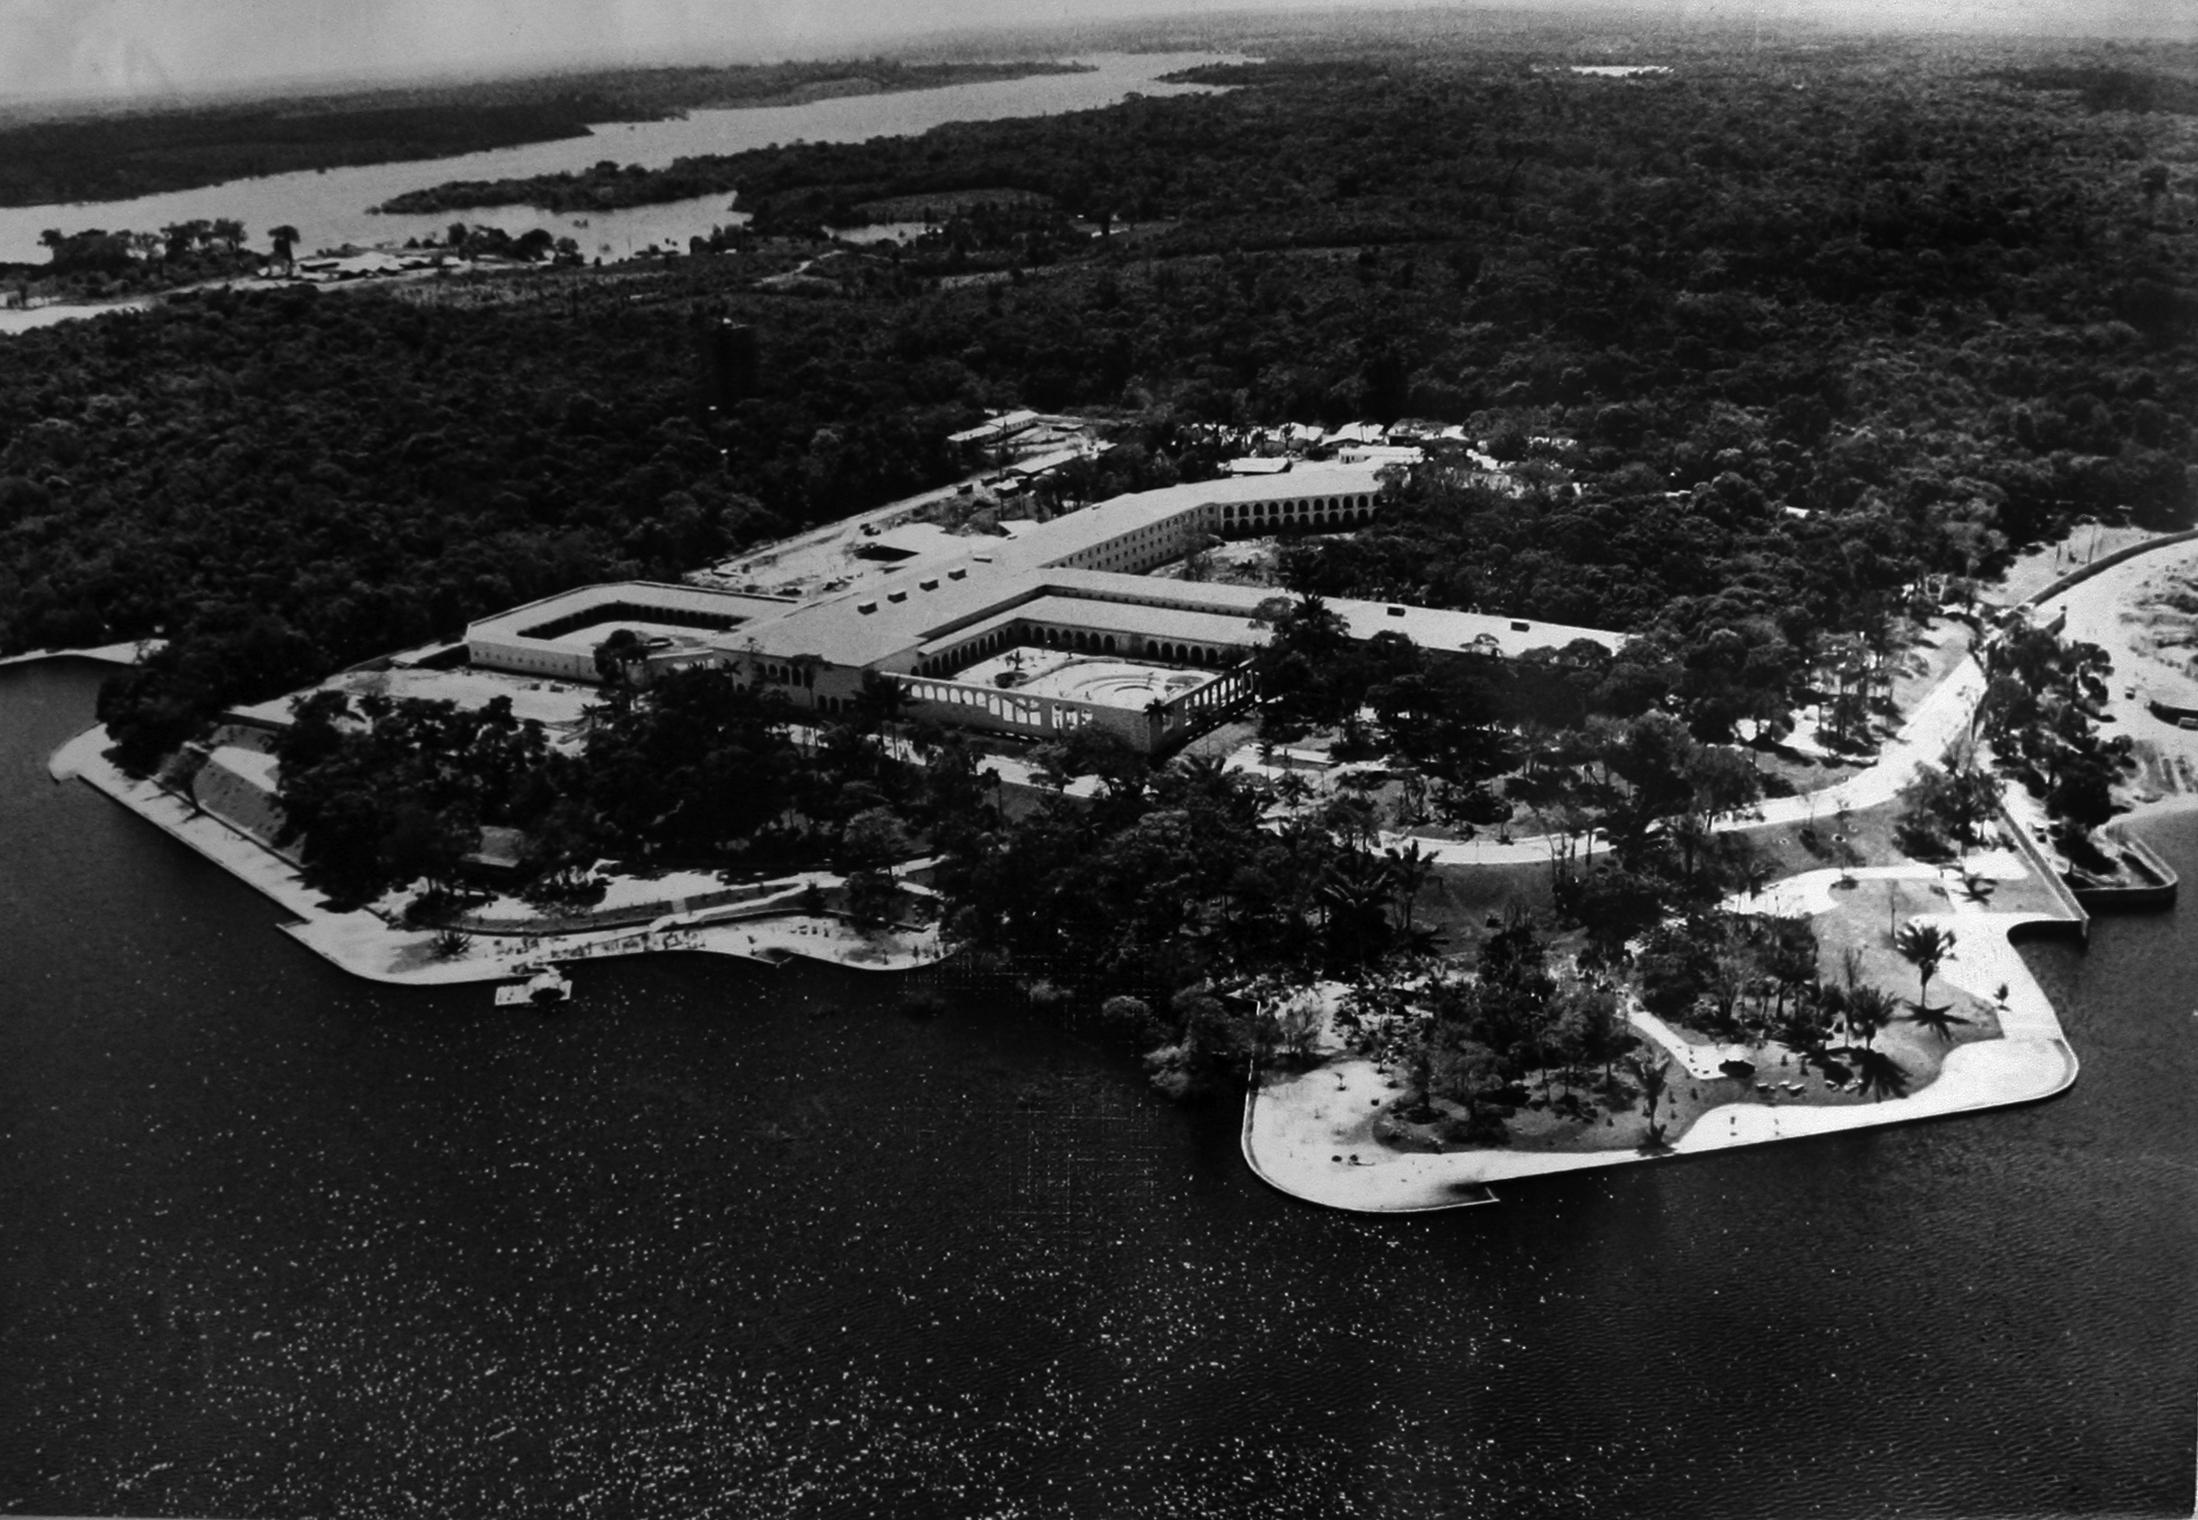 Vista aérea do Hotel Tropical de Manaus - Instituto Durango Duarte